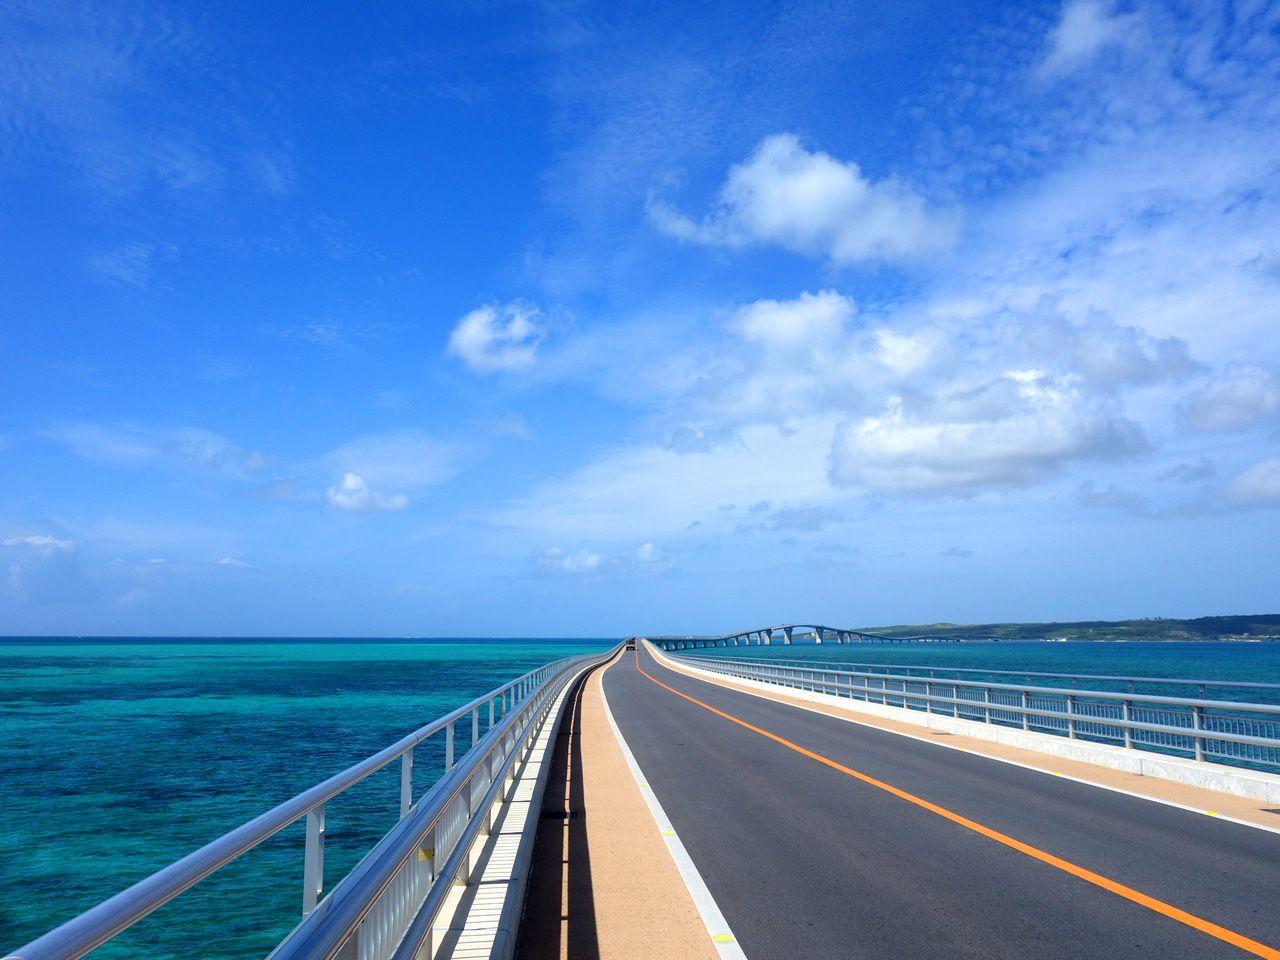 bike the moment 沖繩 伊良部大橋 「日本最靚最長的單車徑大橋﹣沖繩伊良部大橋」 848C68EDC8BB4C8C8F01714A56F5D156 L